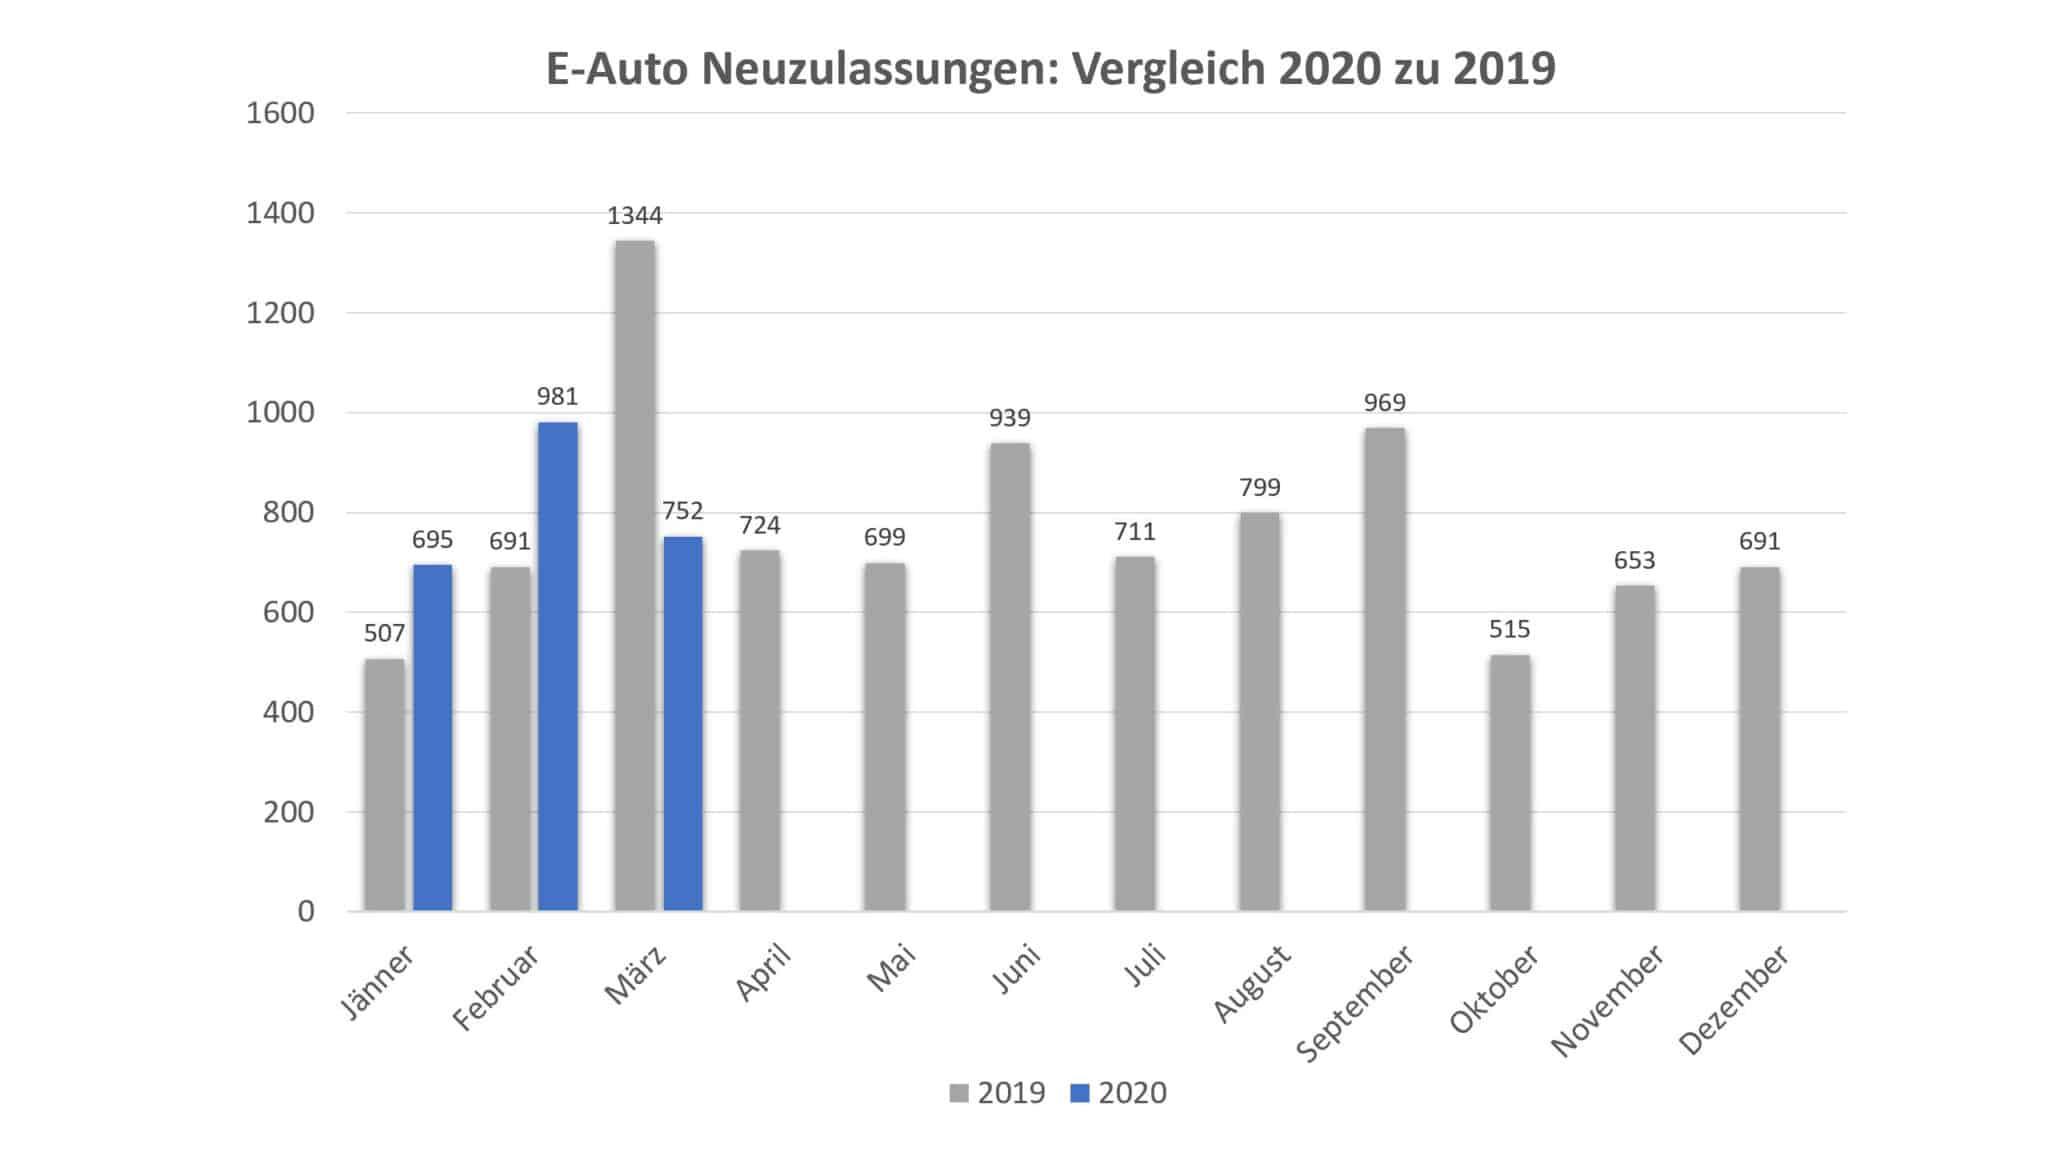 PKW Neuzulassungsstatistik im 1. Quartal 2020 | BEV Zulassungen 1Q2020 vs 2019 scaled